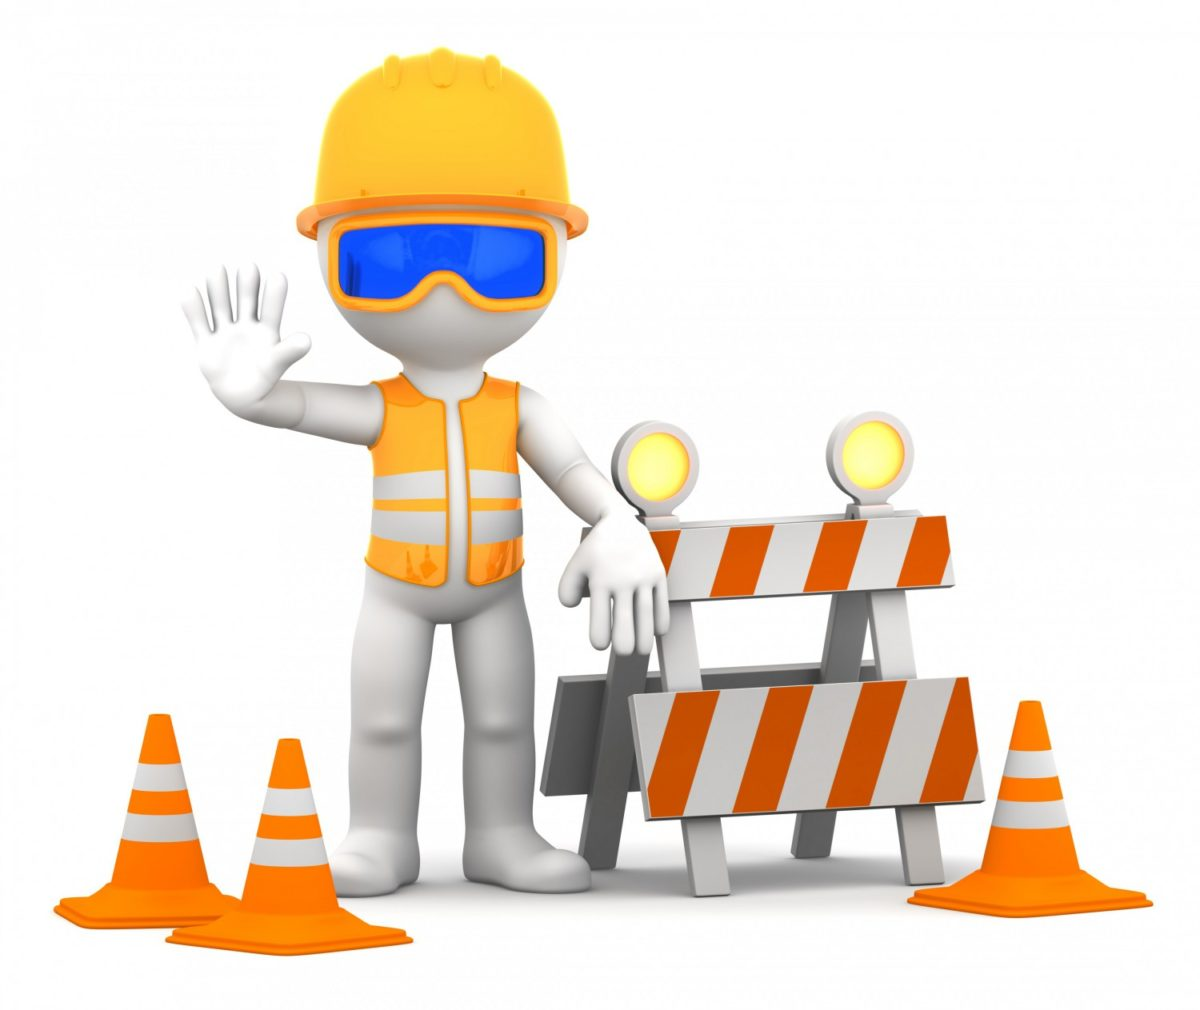 shutterstock_946123121-e1426471547657-1200x1010.jpg